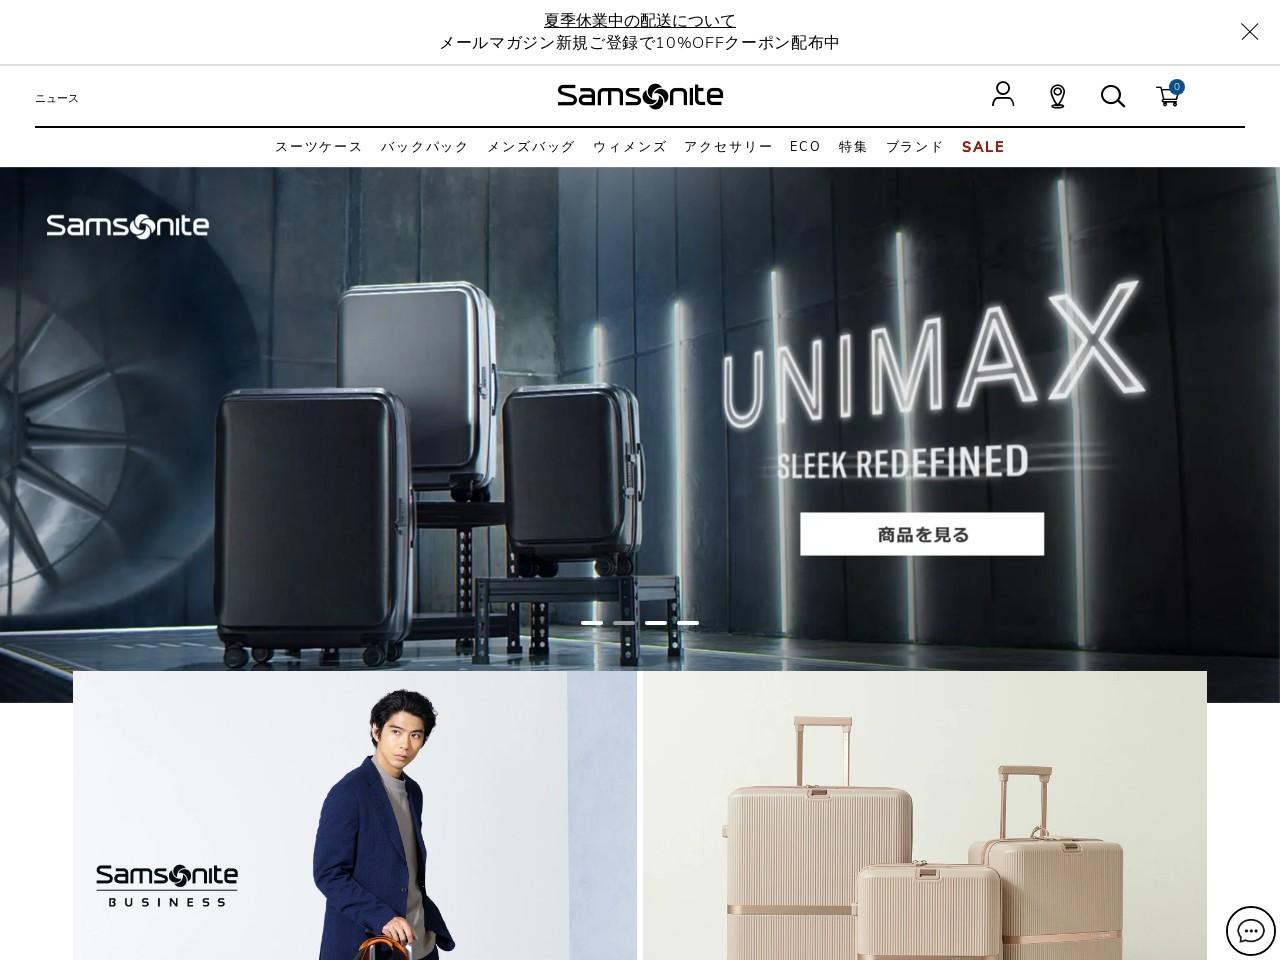 サムソナイト・ジャパン - Samsonite Japan